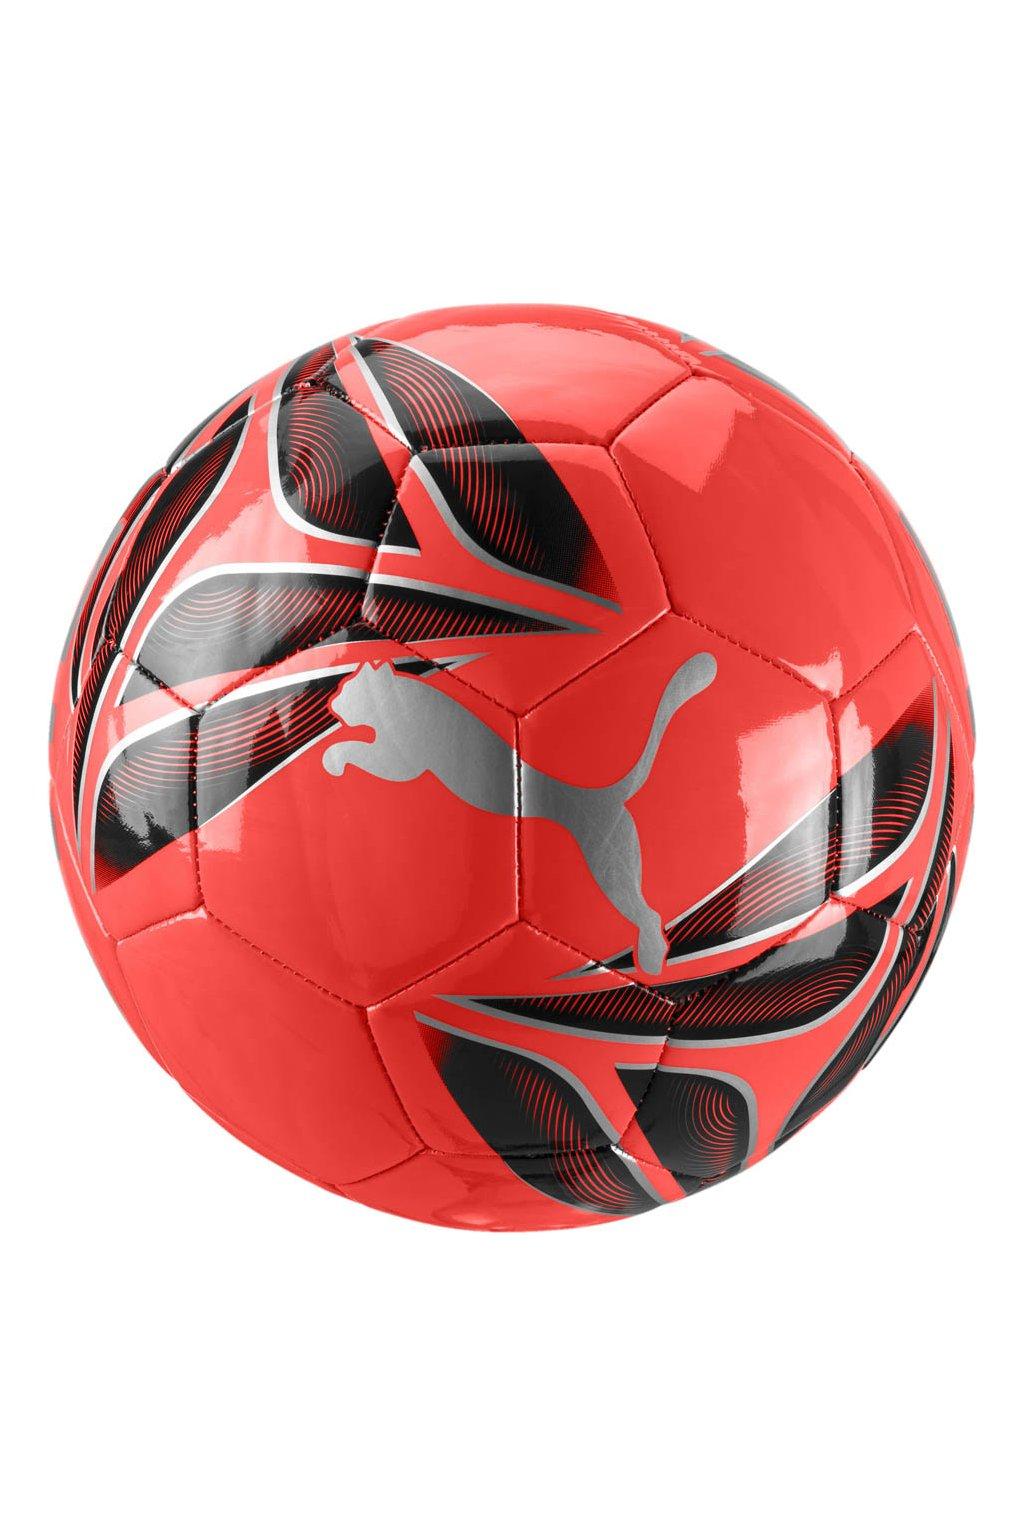 Futbalová lopta Puma One Triangle červená 083268 02